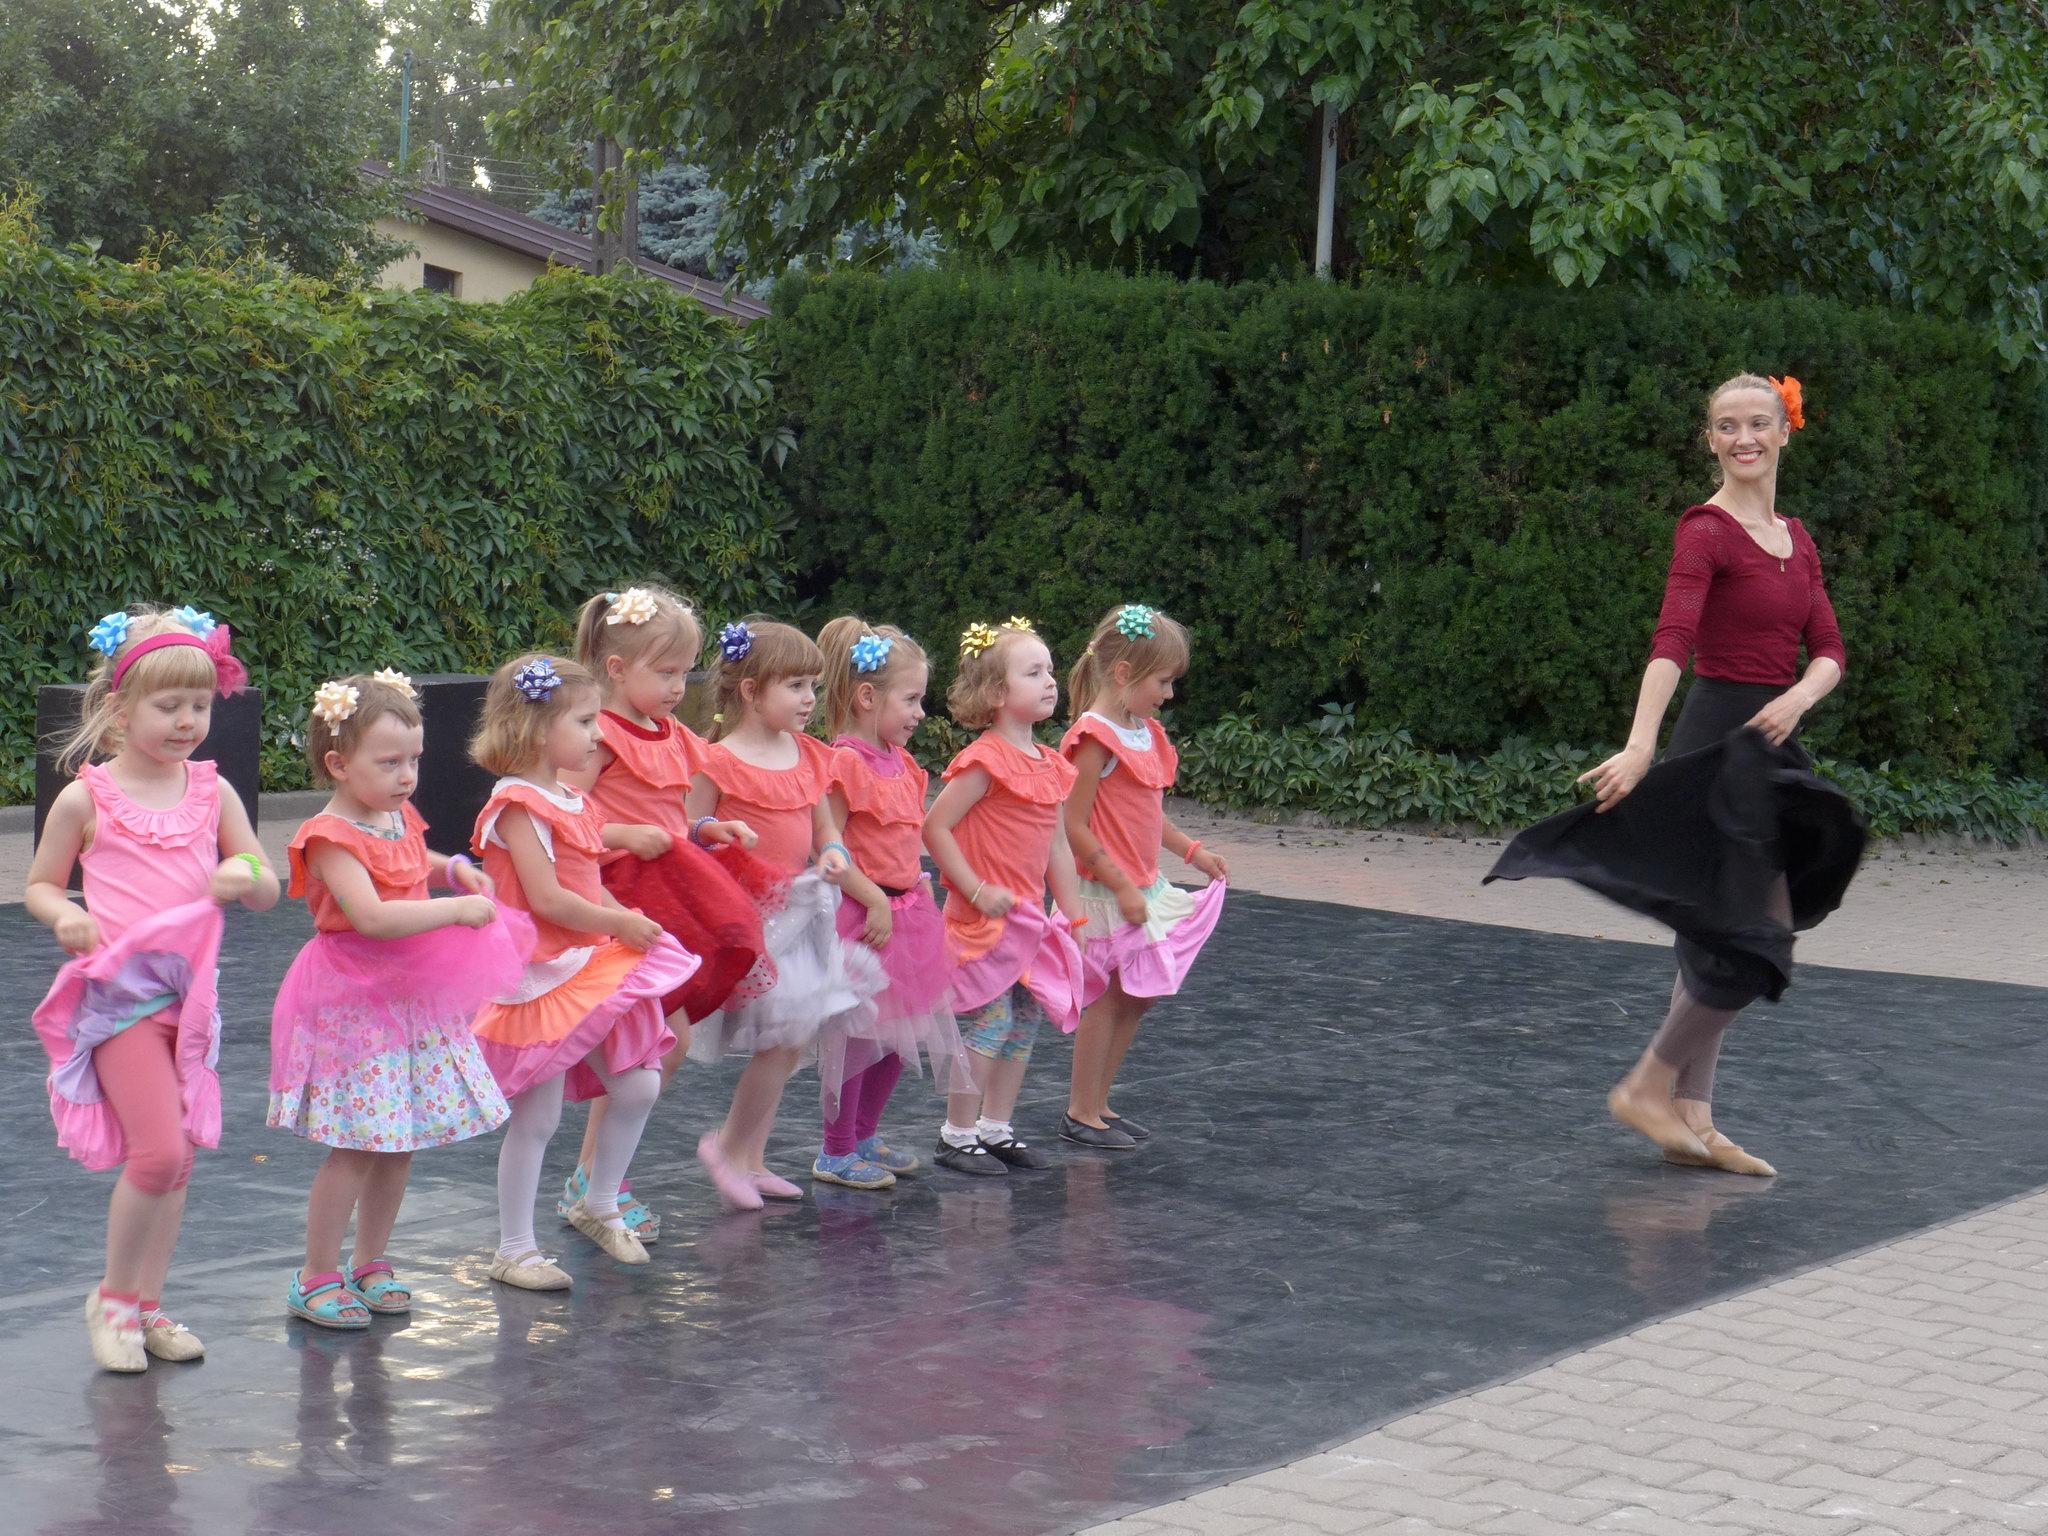 Grupa kilkuletnich dziewczynek na scenie w plenerze, Przed nimi młoda kobieta.